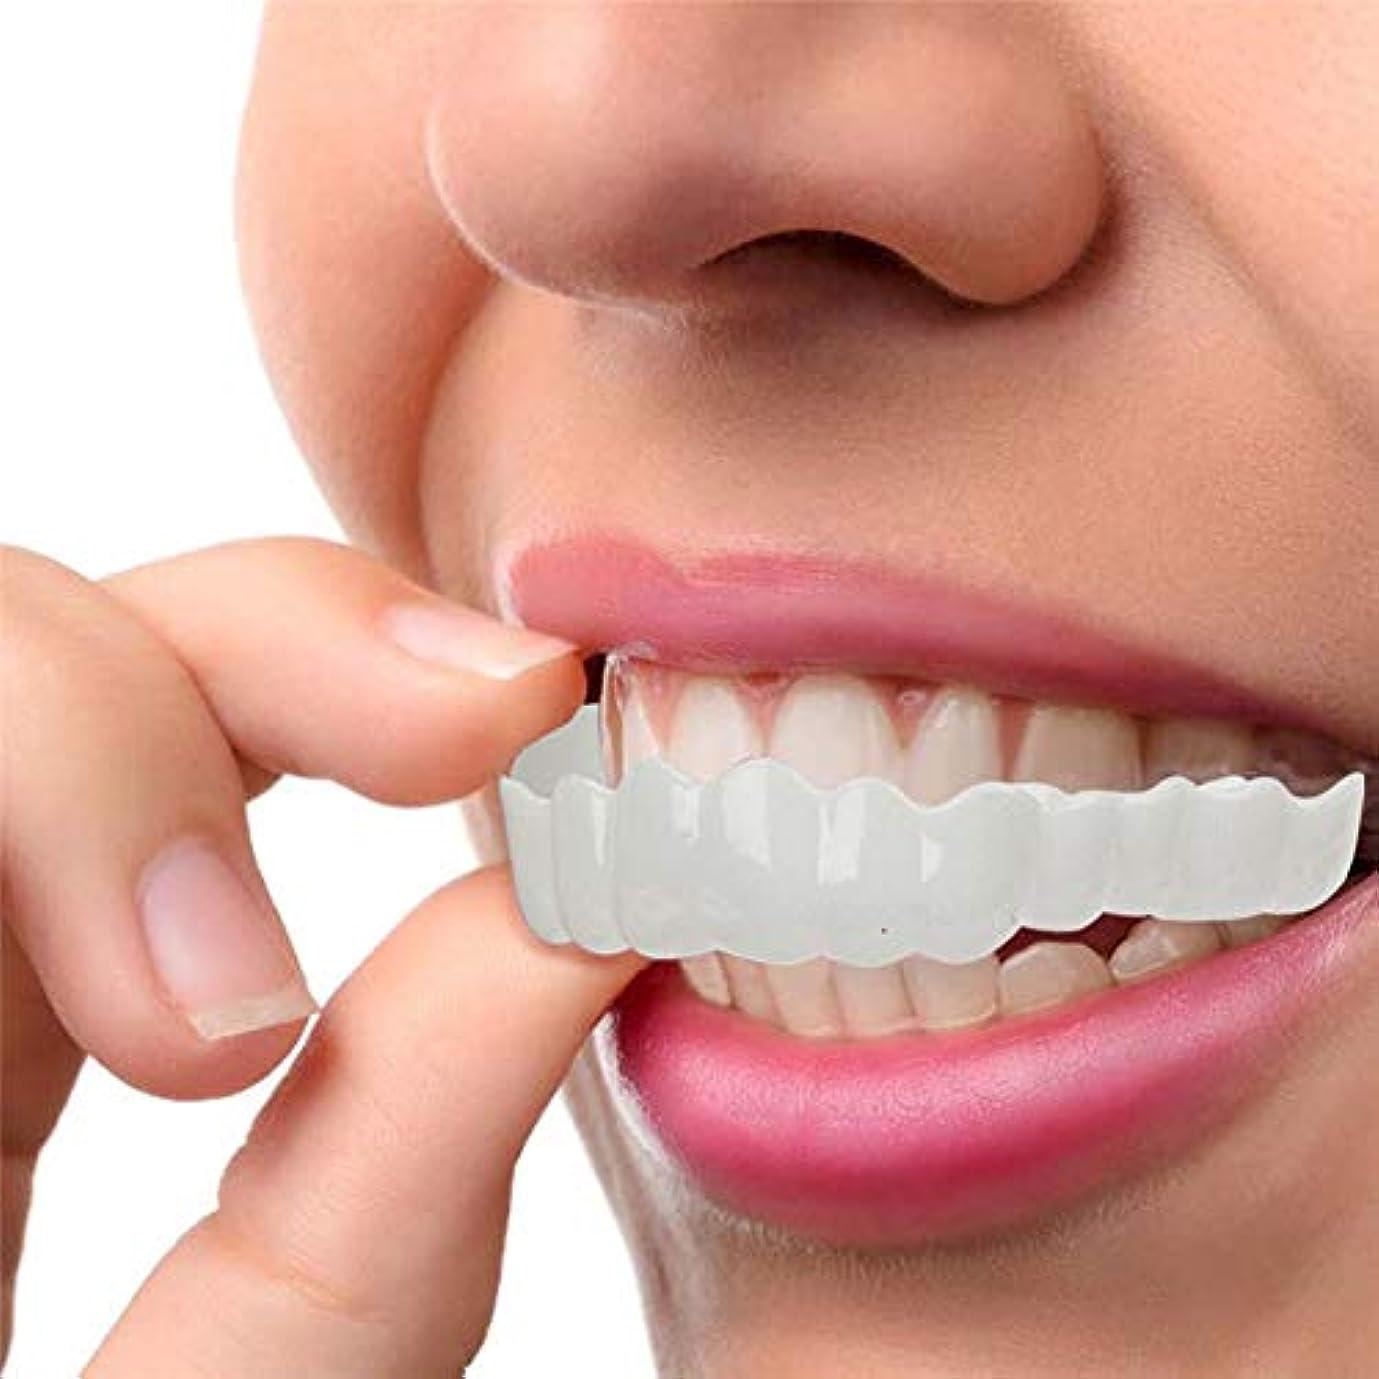 博物館美徳インレイ2セット、白い歯をきれいにするコンフォートフィットフレックス歯ソケット、化粧用歯、超快適、快適フィット、